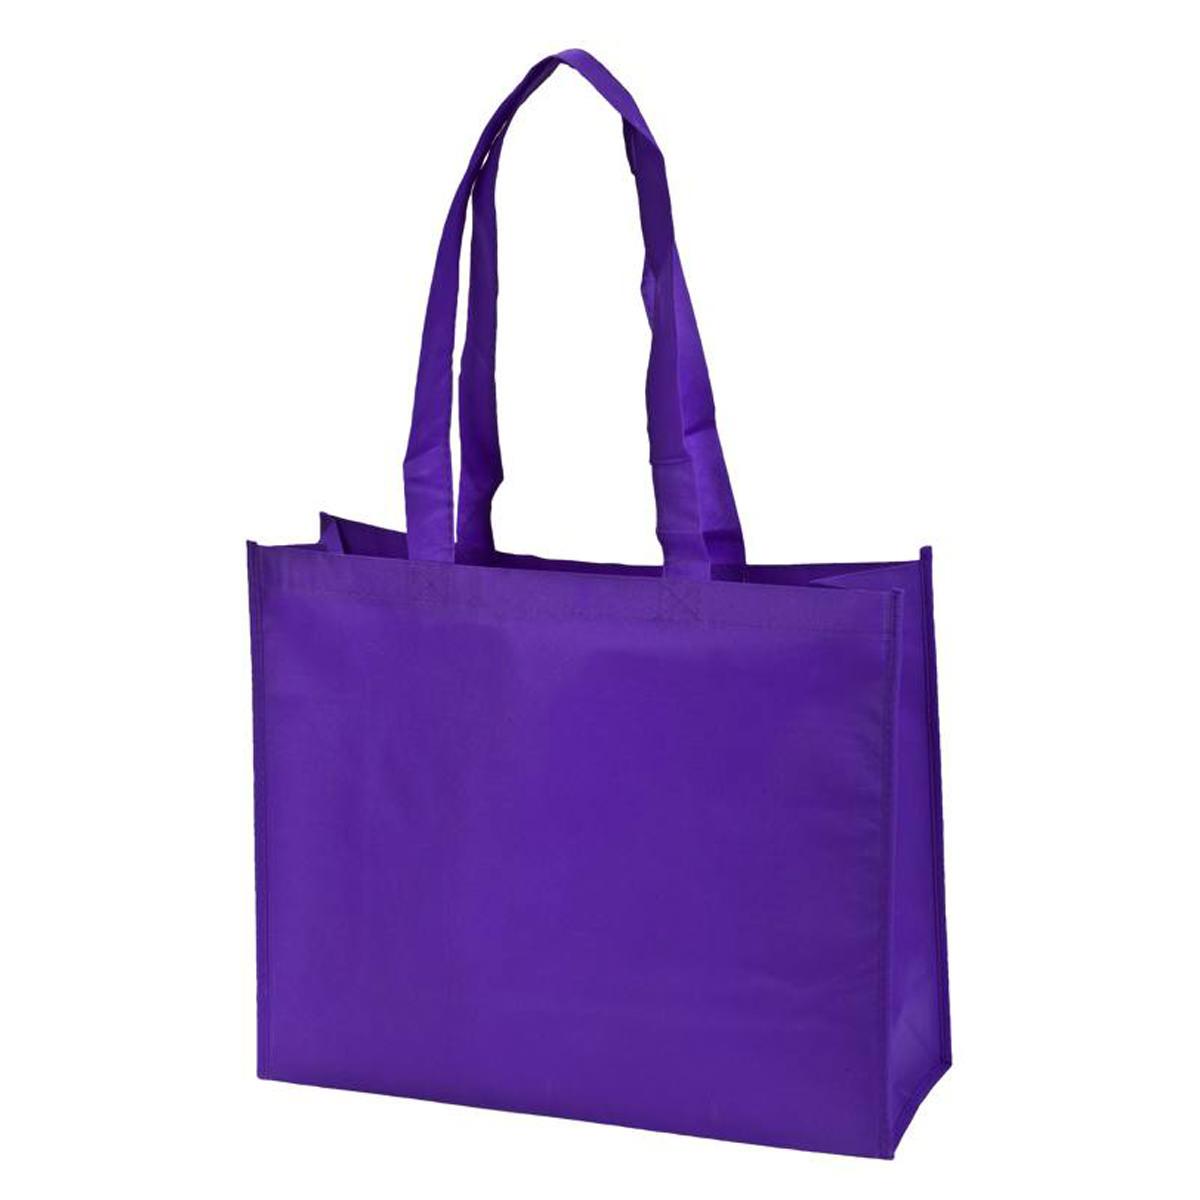 תיק אלבד לכנסים וקניות - ראמוס